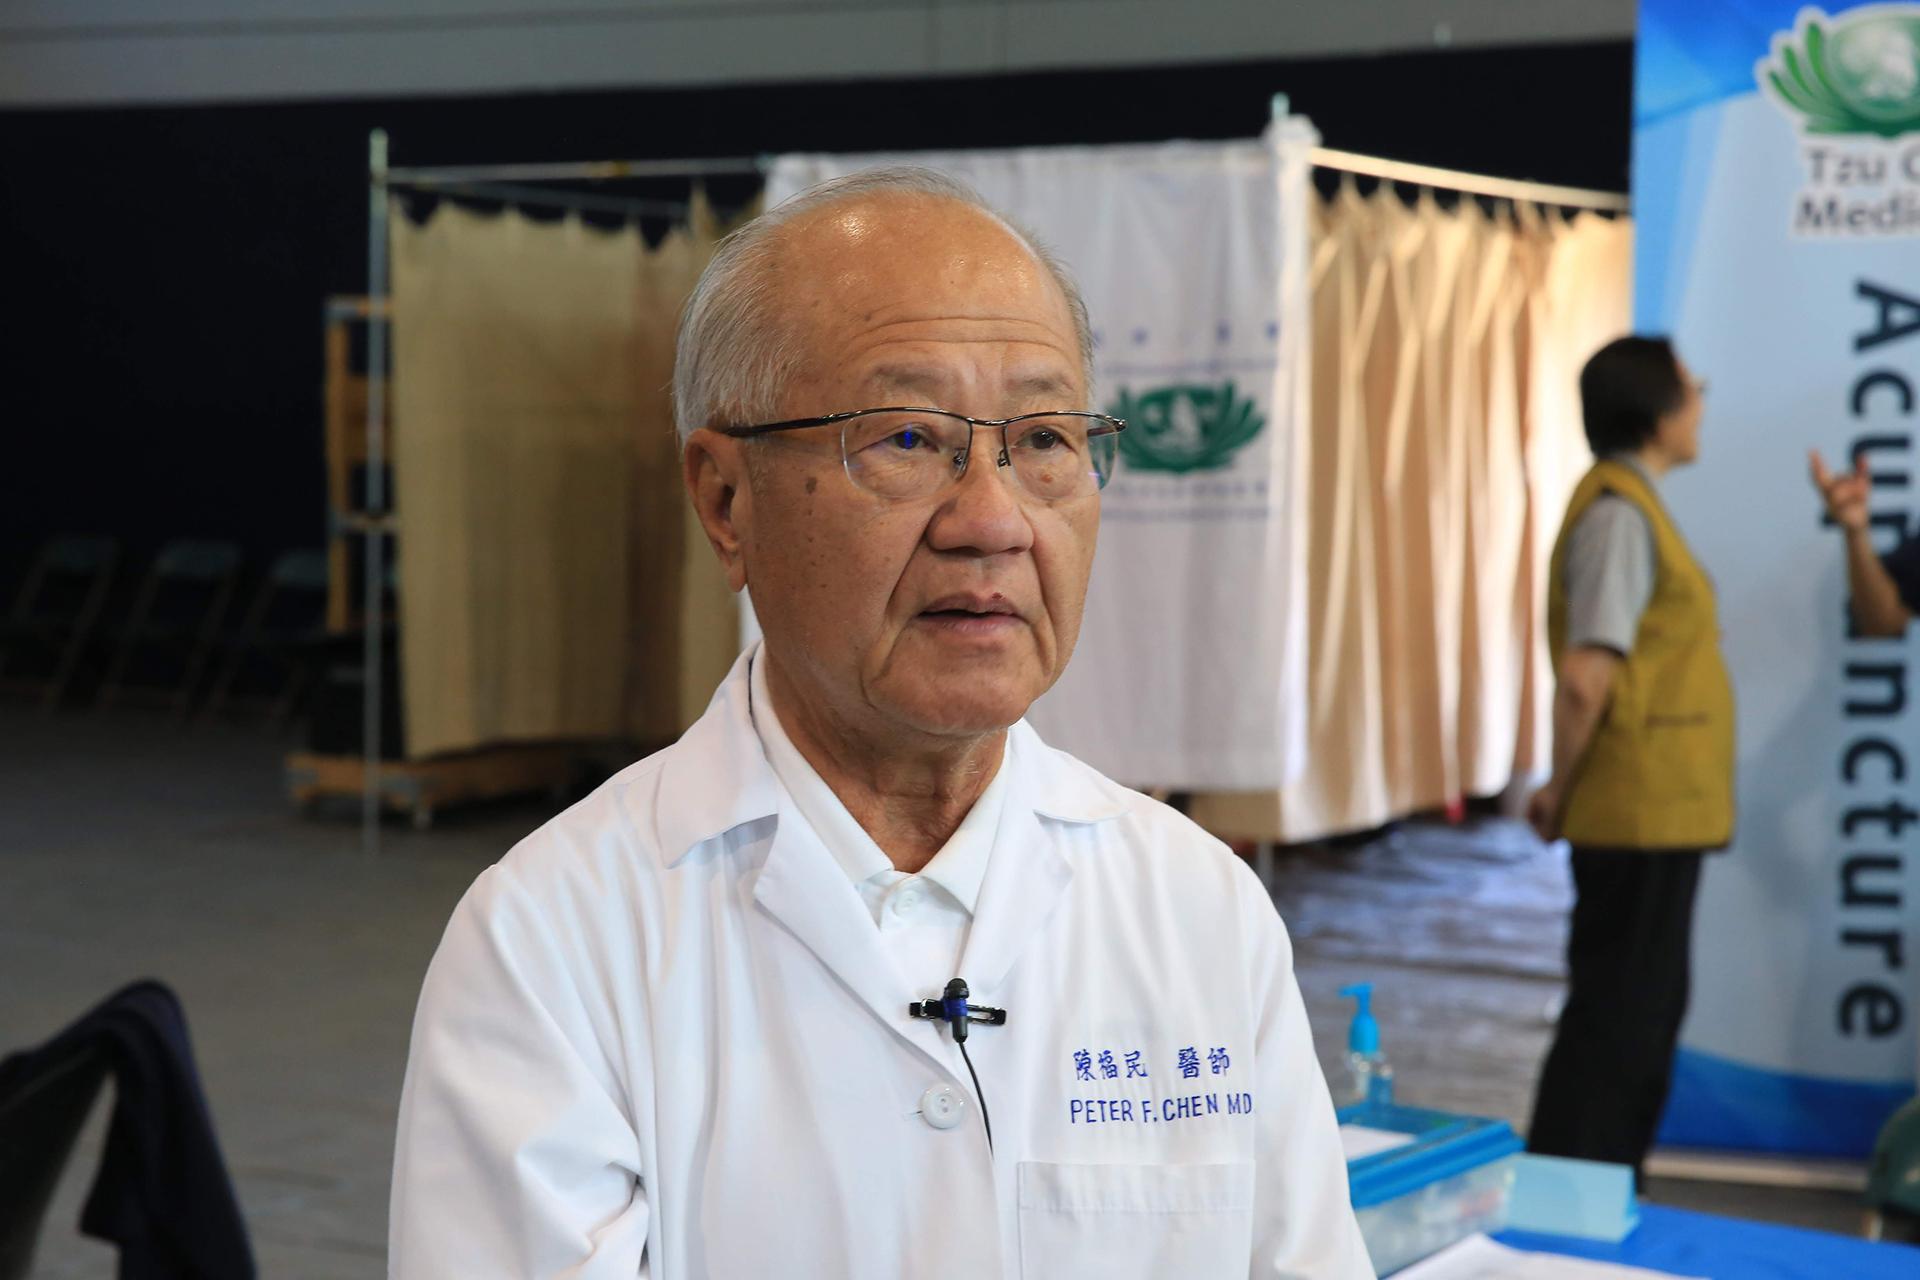 陳福民醫師在橙縣義診有6年,他曾向大家介紹早期慈濟的竹筒歲月,一位回診的民眾帶來全家存的竹筒,陳福民醫師鼓勵:「心量大就可以幫助別人。」